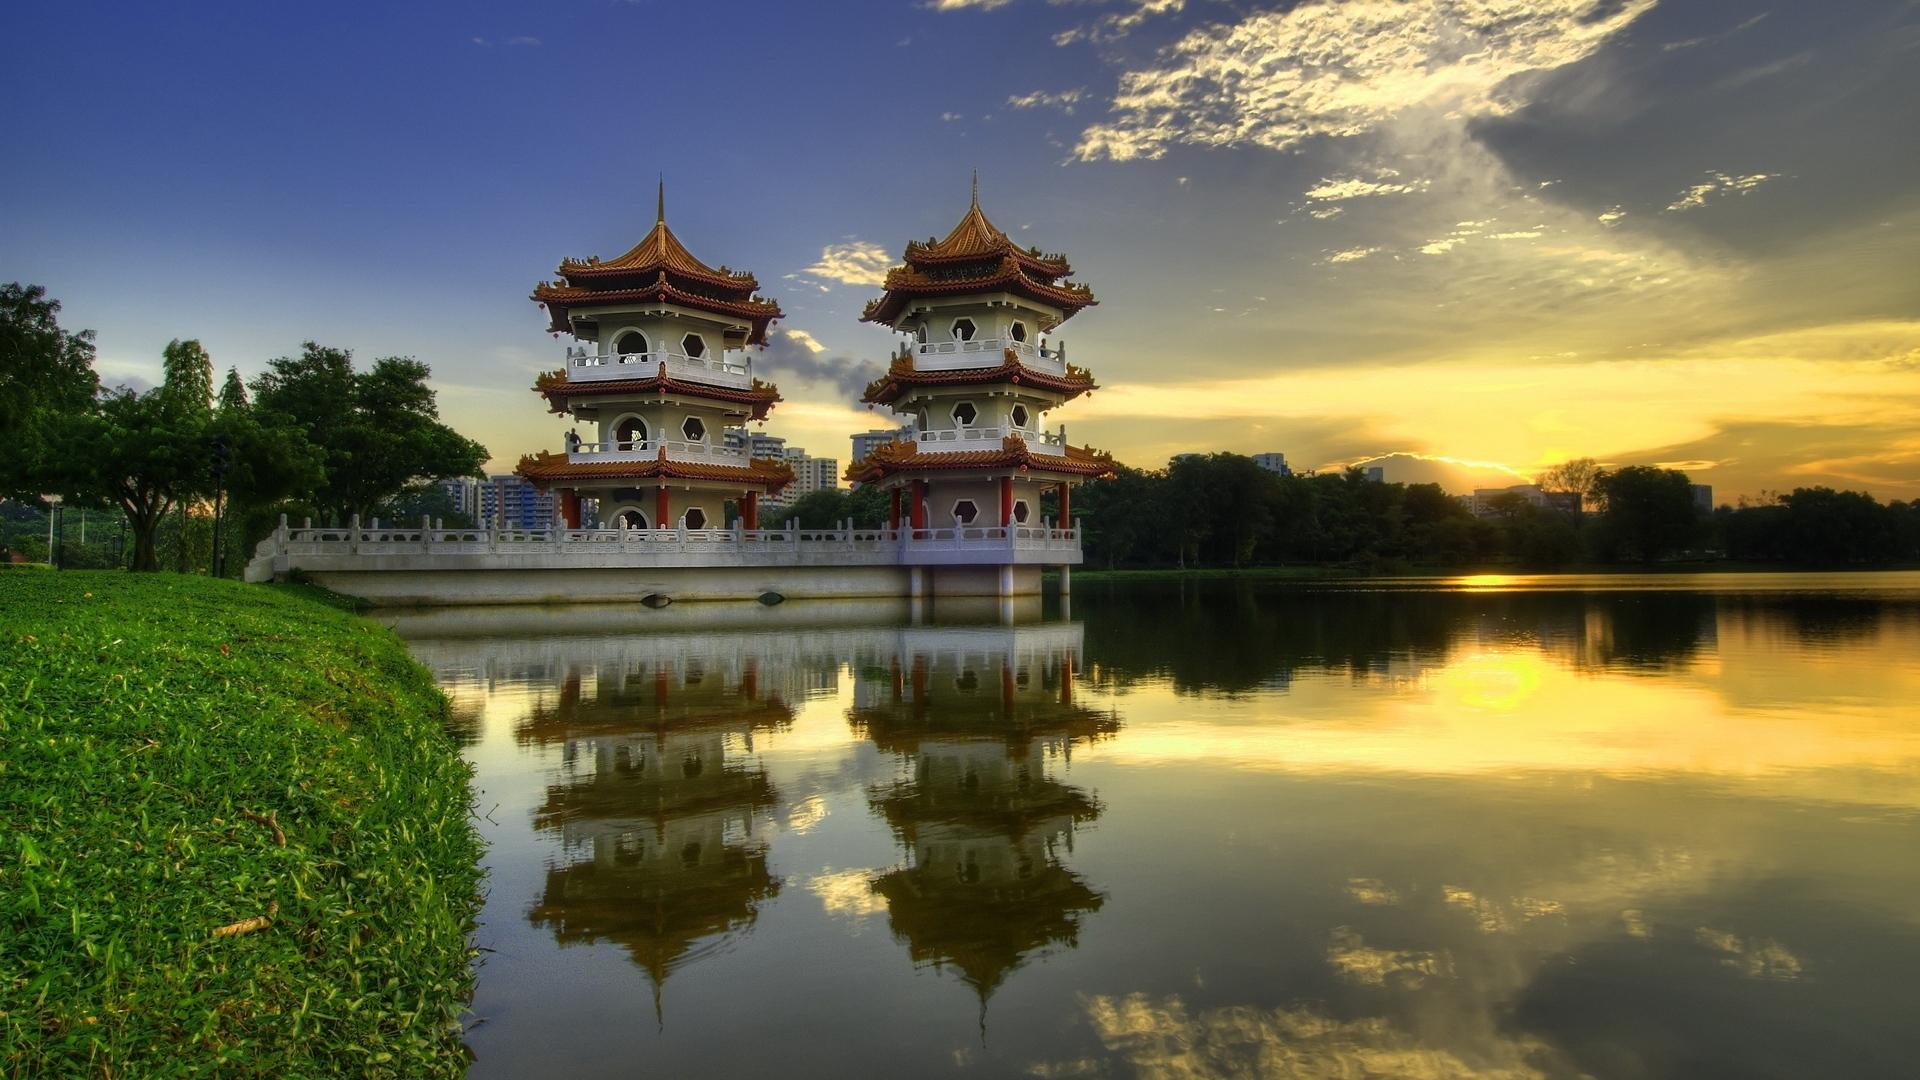 Wallpaper China Pagodas Lake Evening Summer 1920x1080